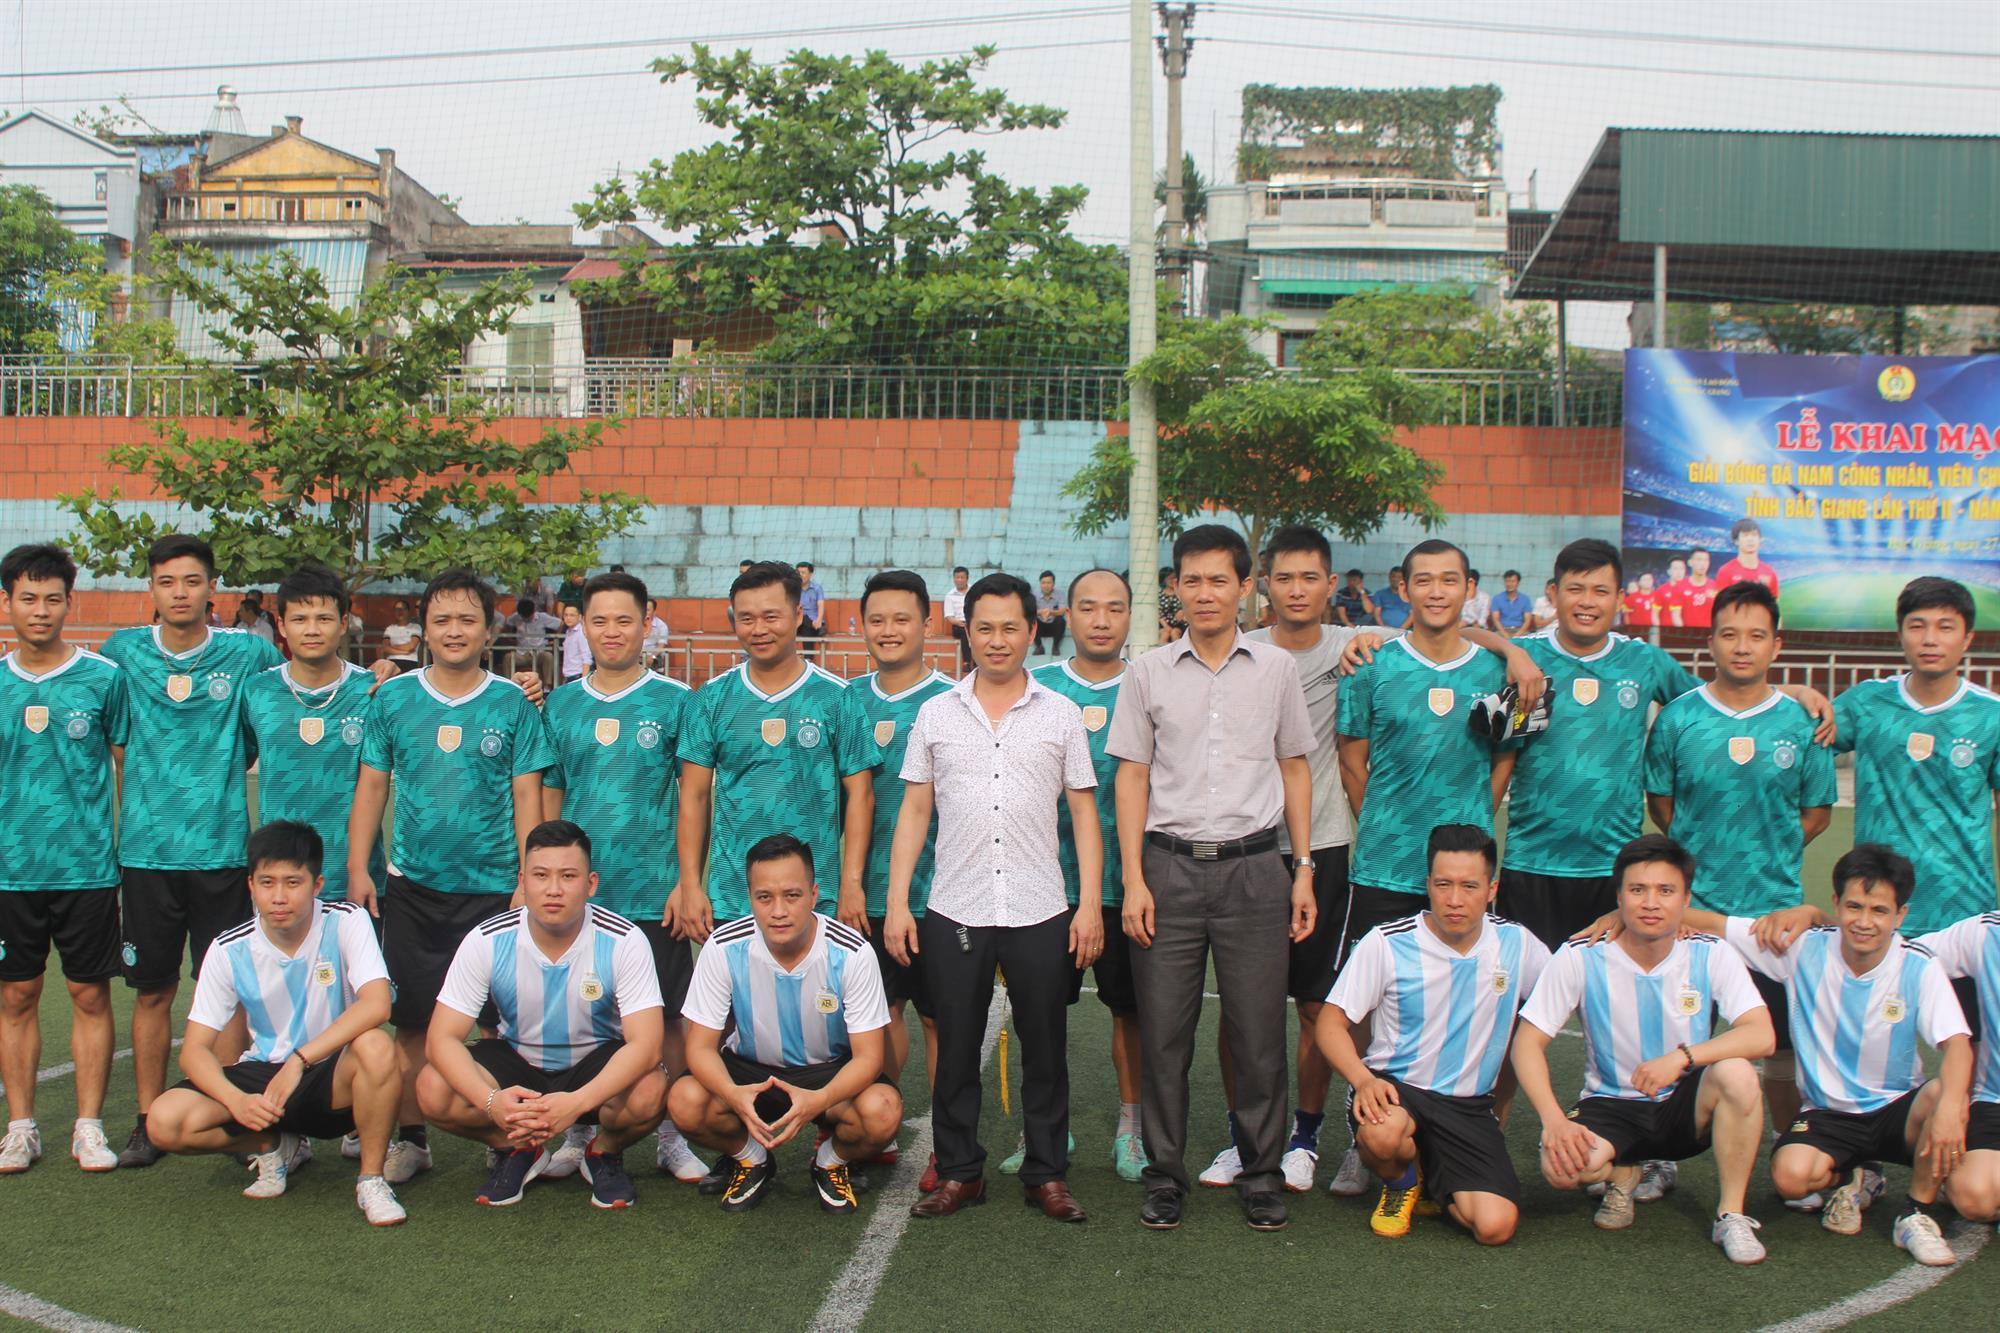 Giao hữu bóng đá Chi đoàn Đài PTTH Bắc Ninh và Đài PTTH Bắc Giang  chào mừng ngày Báo chí Cách mạng Việt Nam